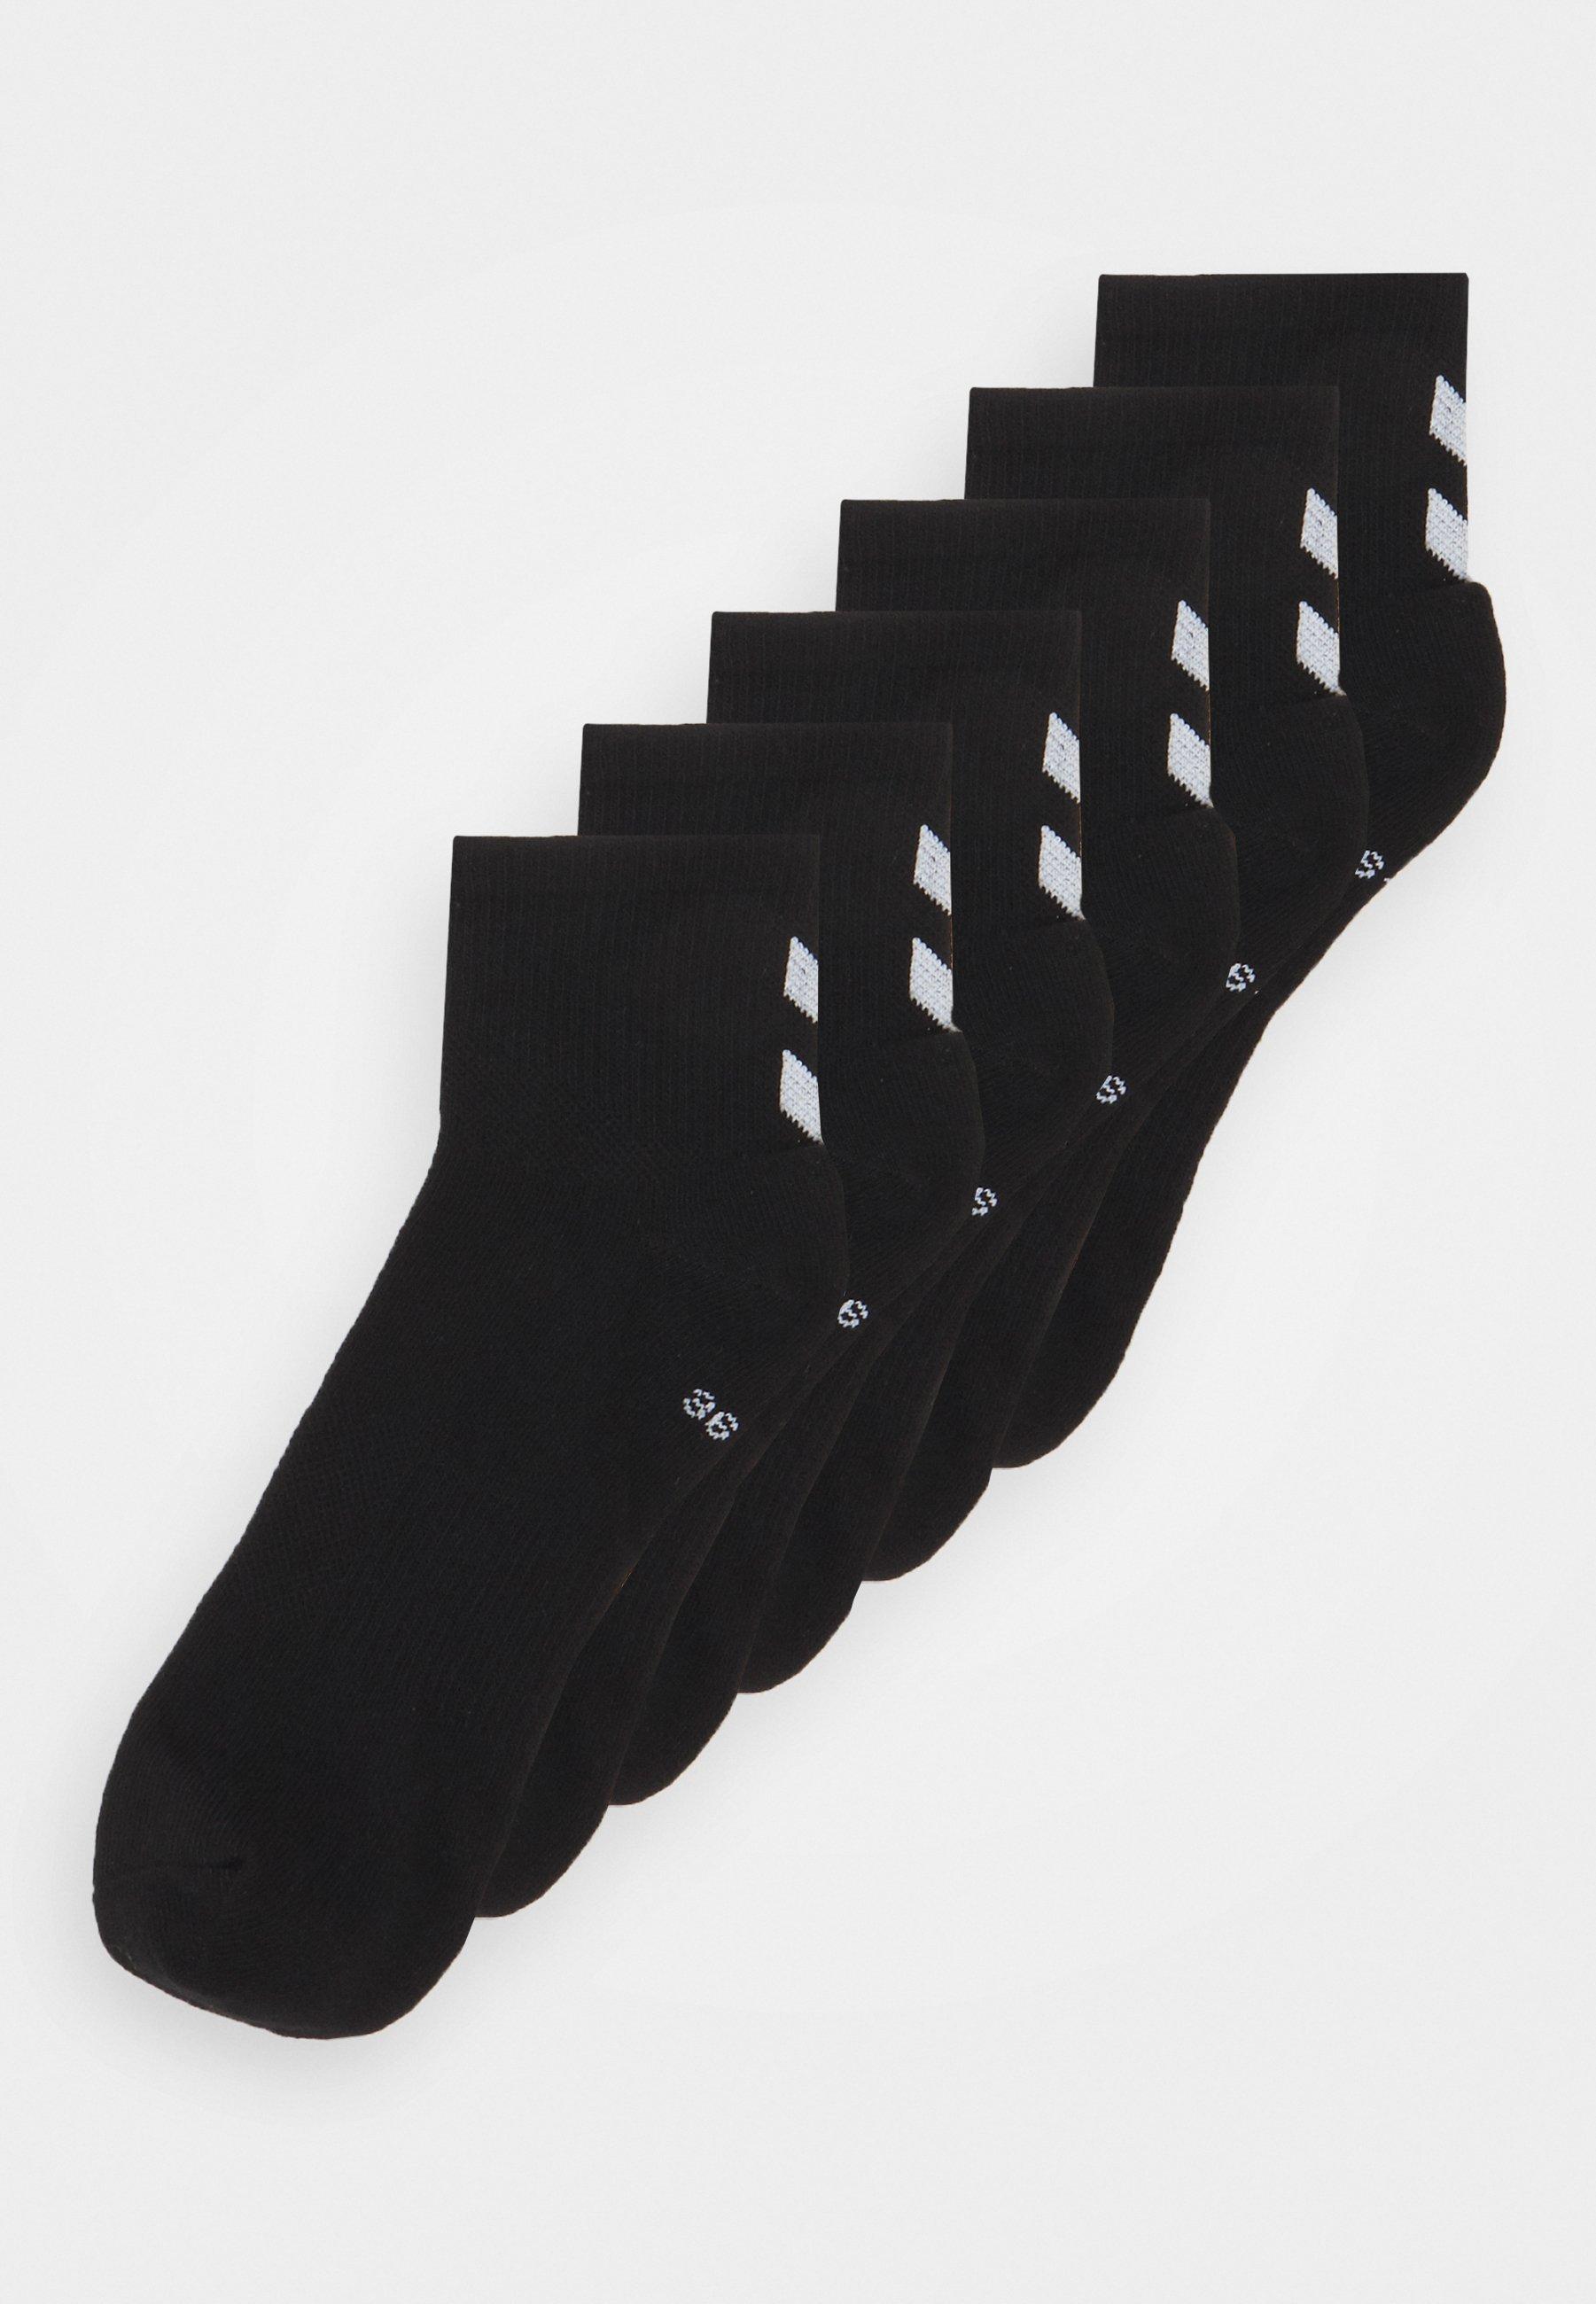 Femme CHEVRON MID CUT 6 PACK UNISEX - Chaussettes de sport